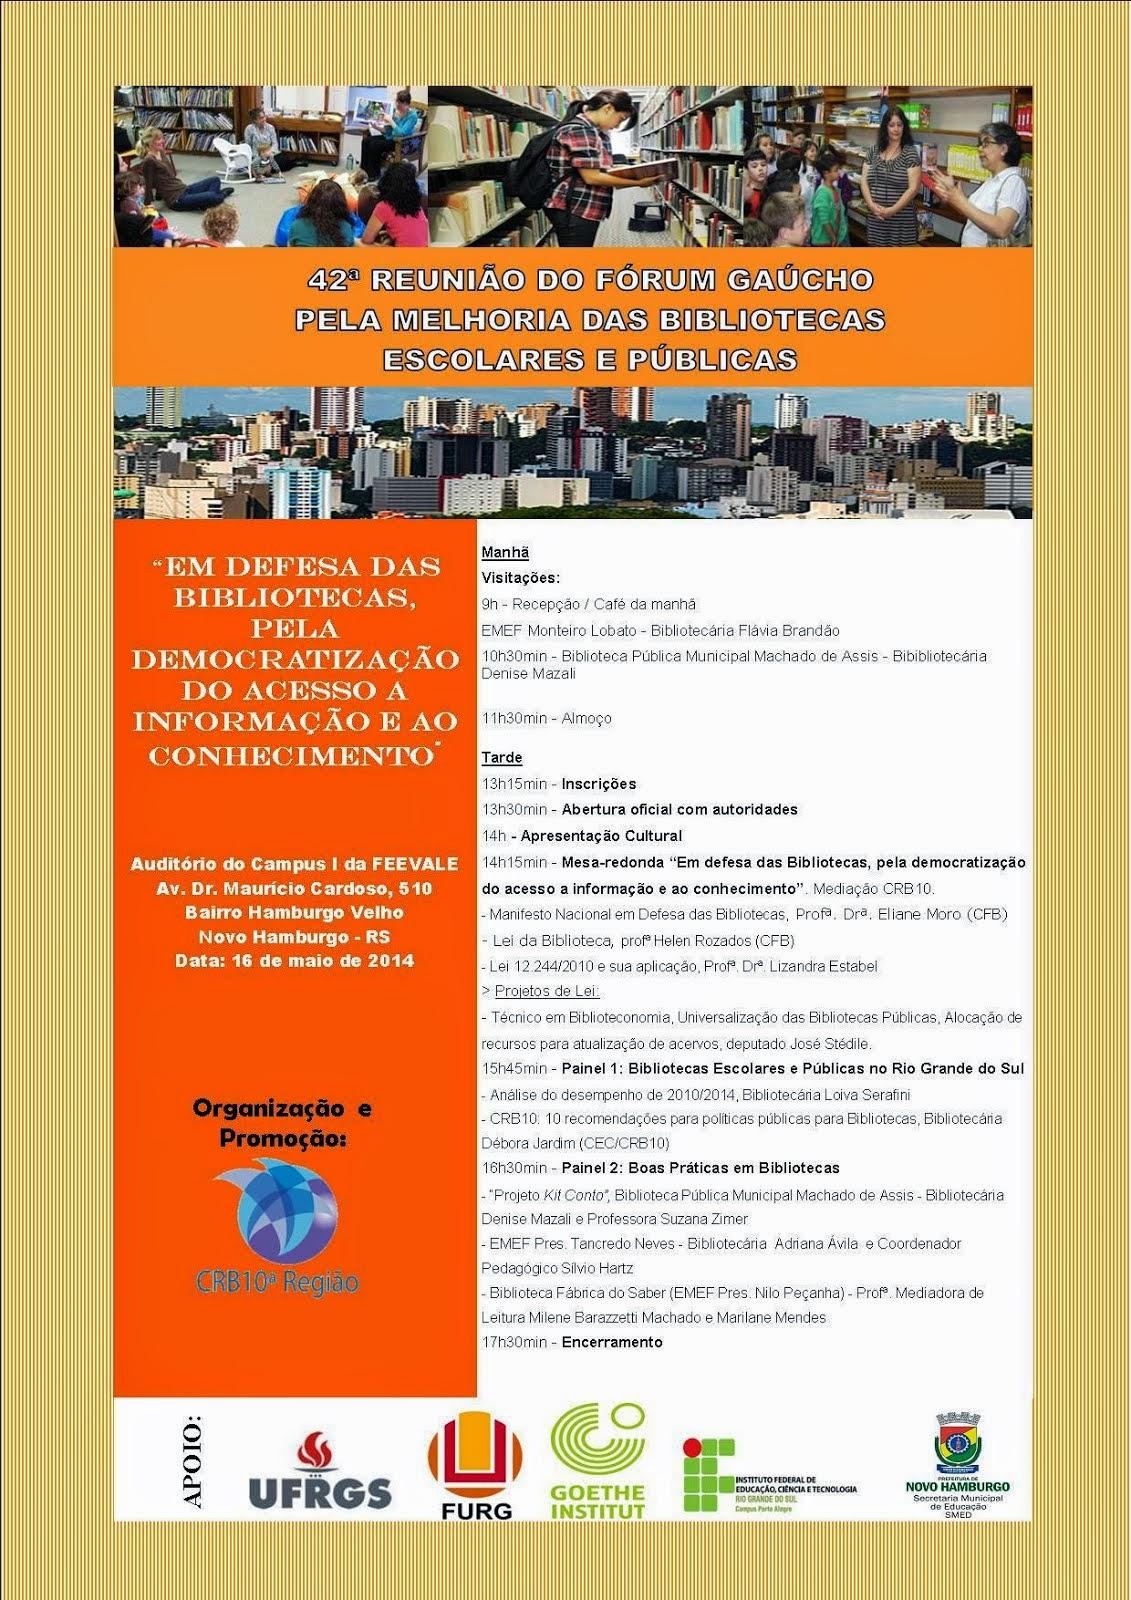 42ª REUNIÃO DO FÓRUM GAÚCHO - BIBLIOTECAS ESCOLARES